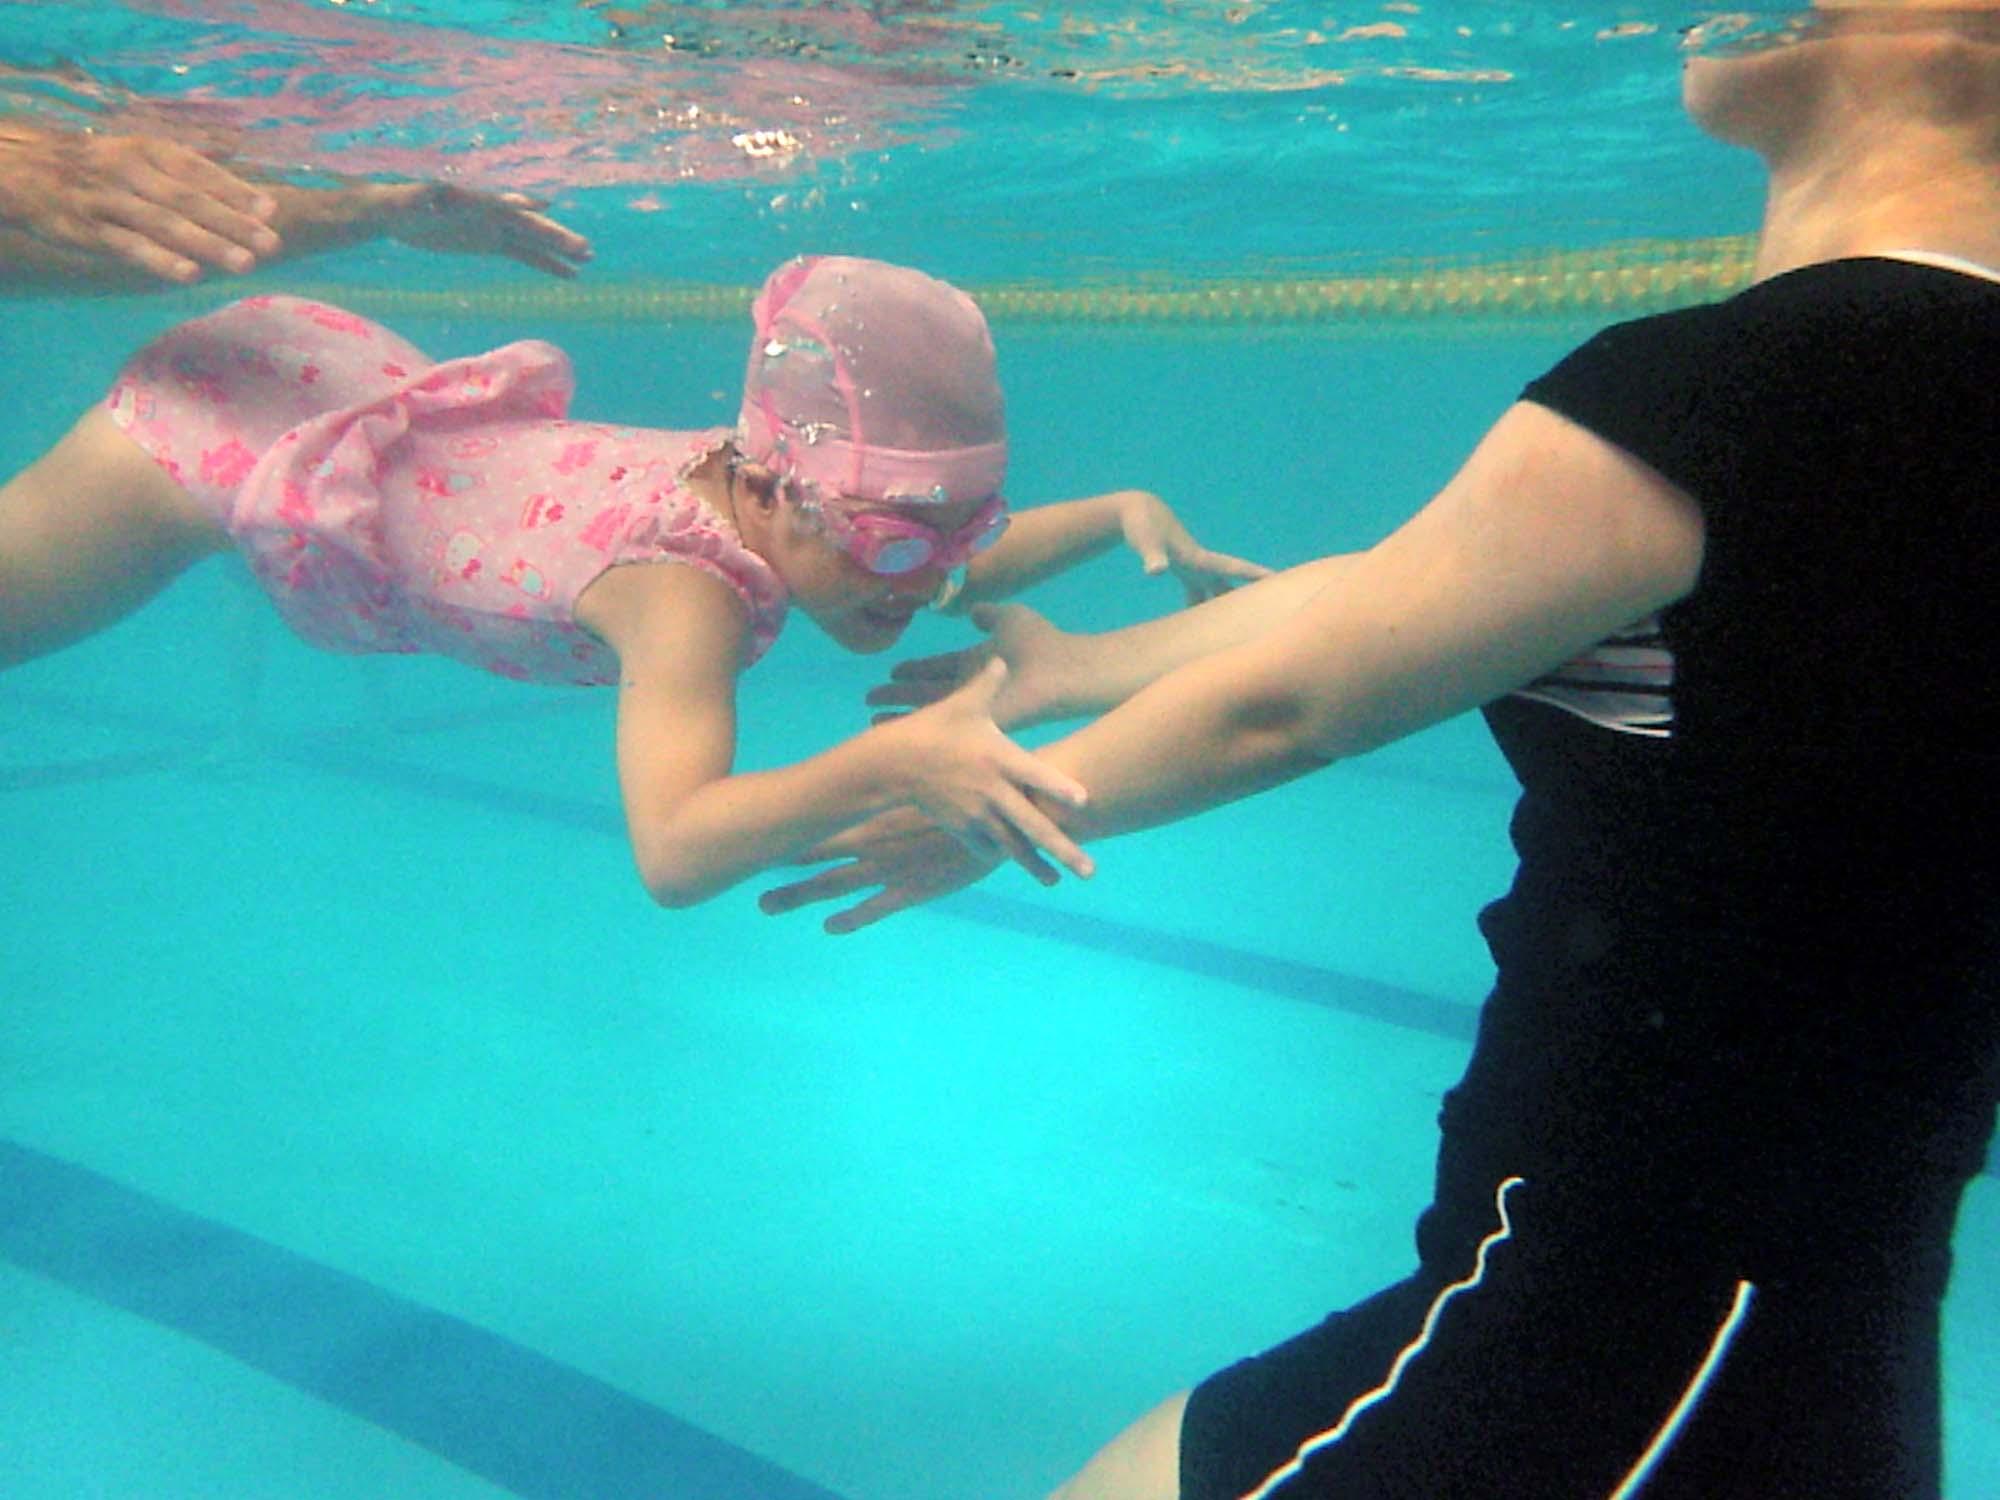 P8090114 - ジュニア水泳教室より ・・・教室おわりました。